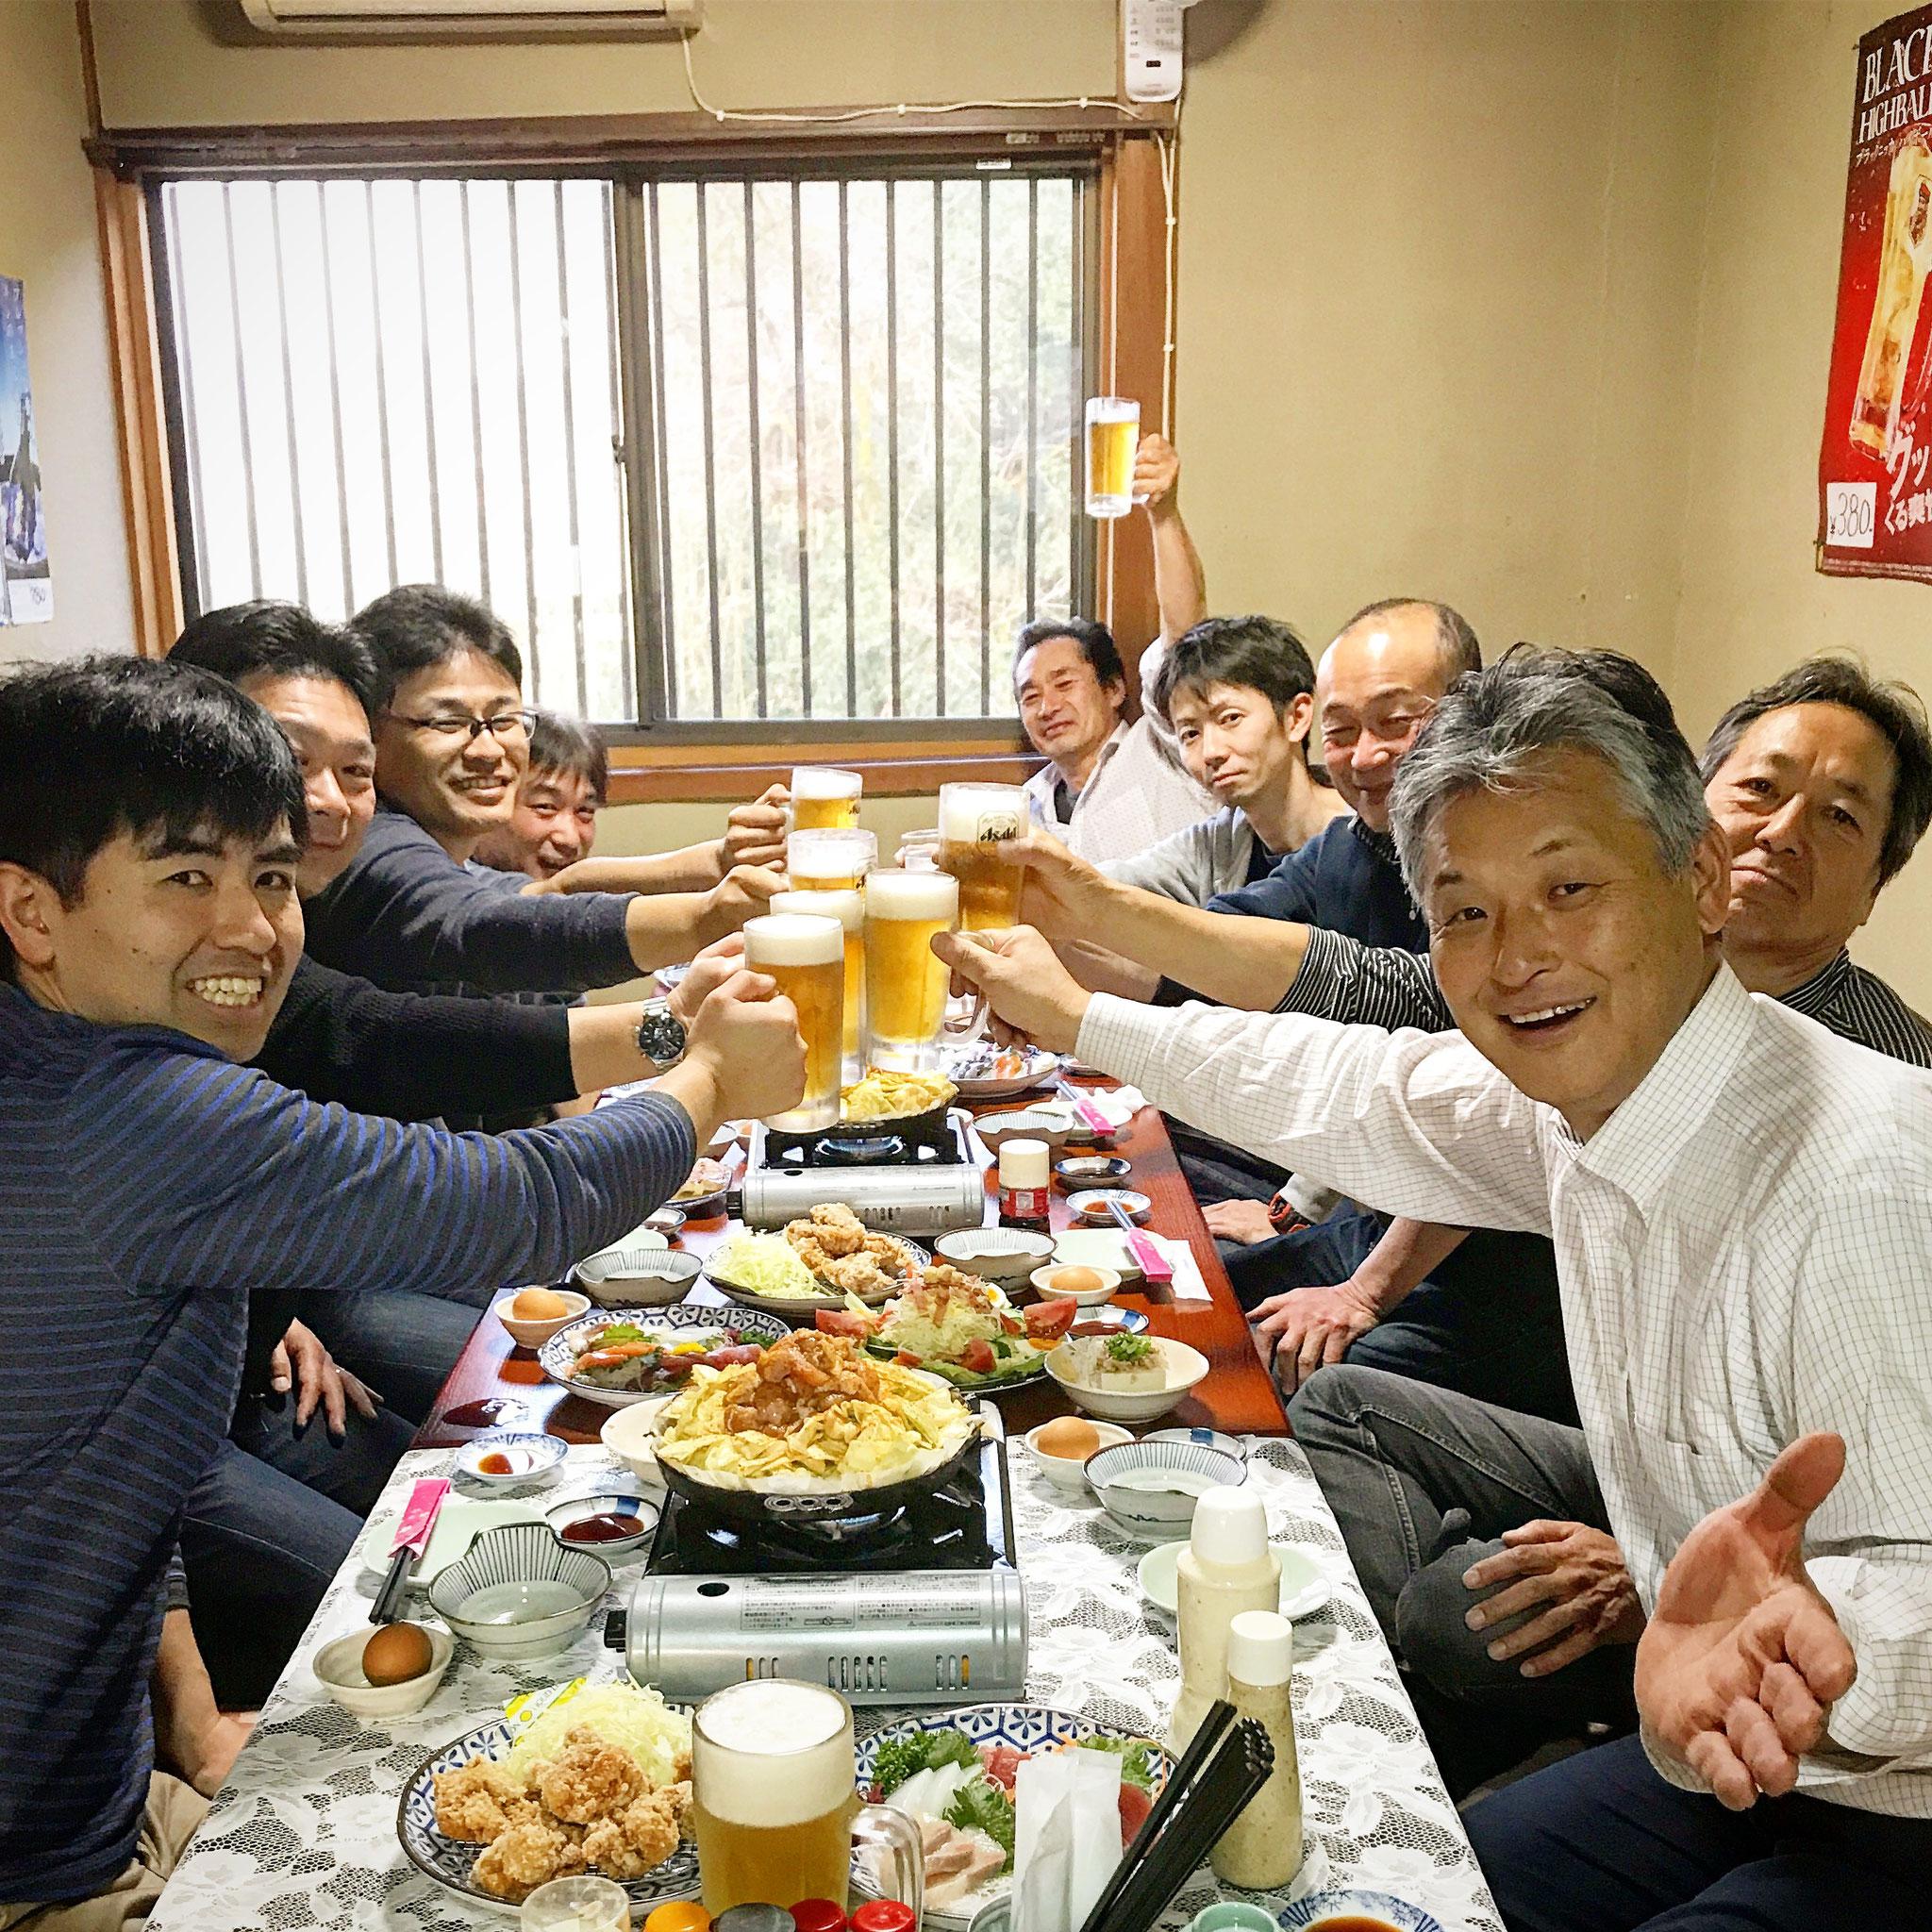 ご近所の班の集まりの飲み会にもおつかいいただいております。